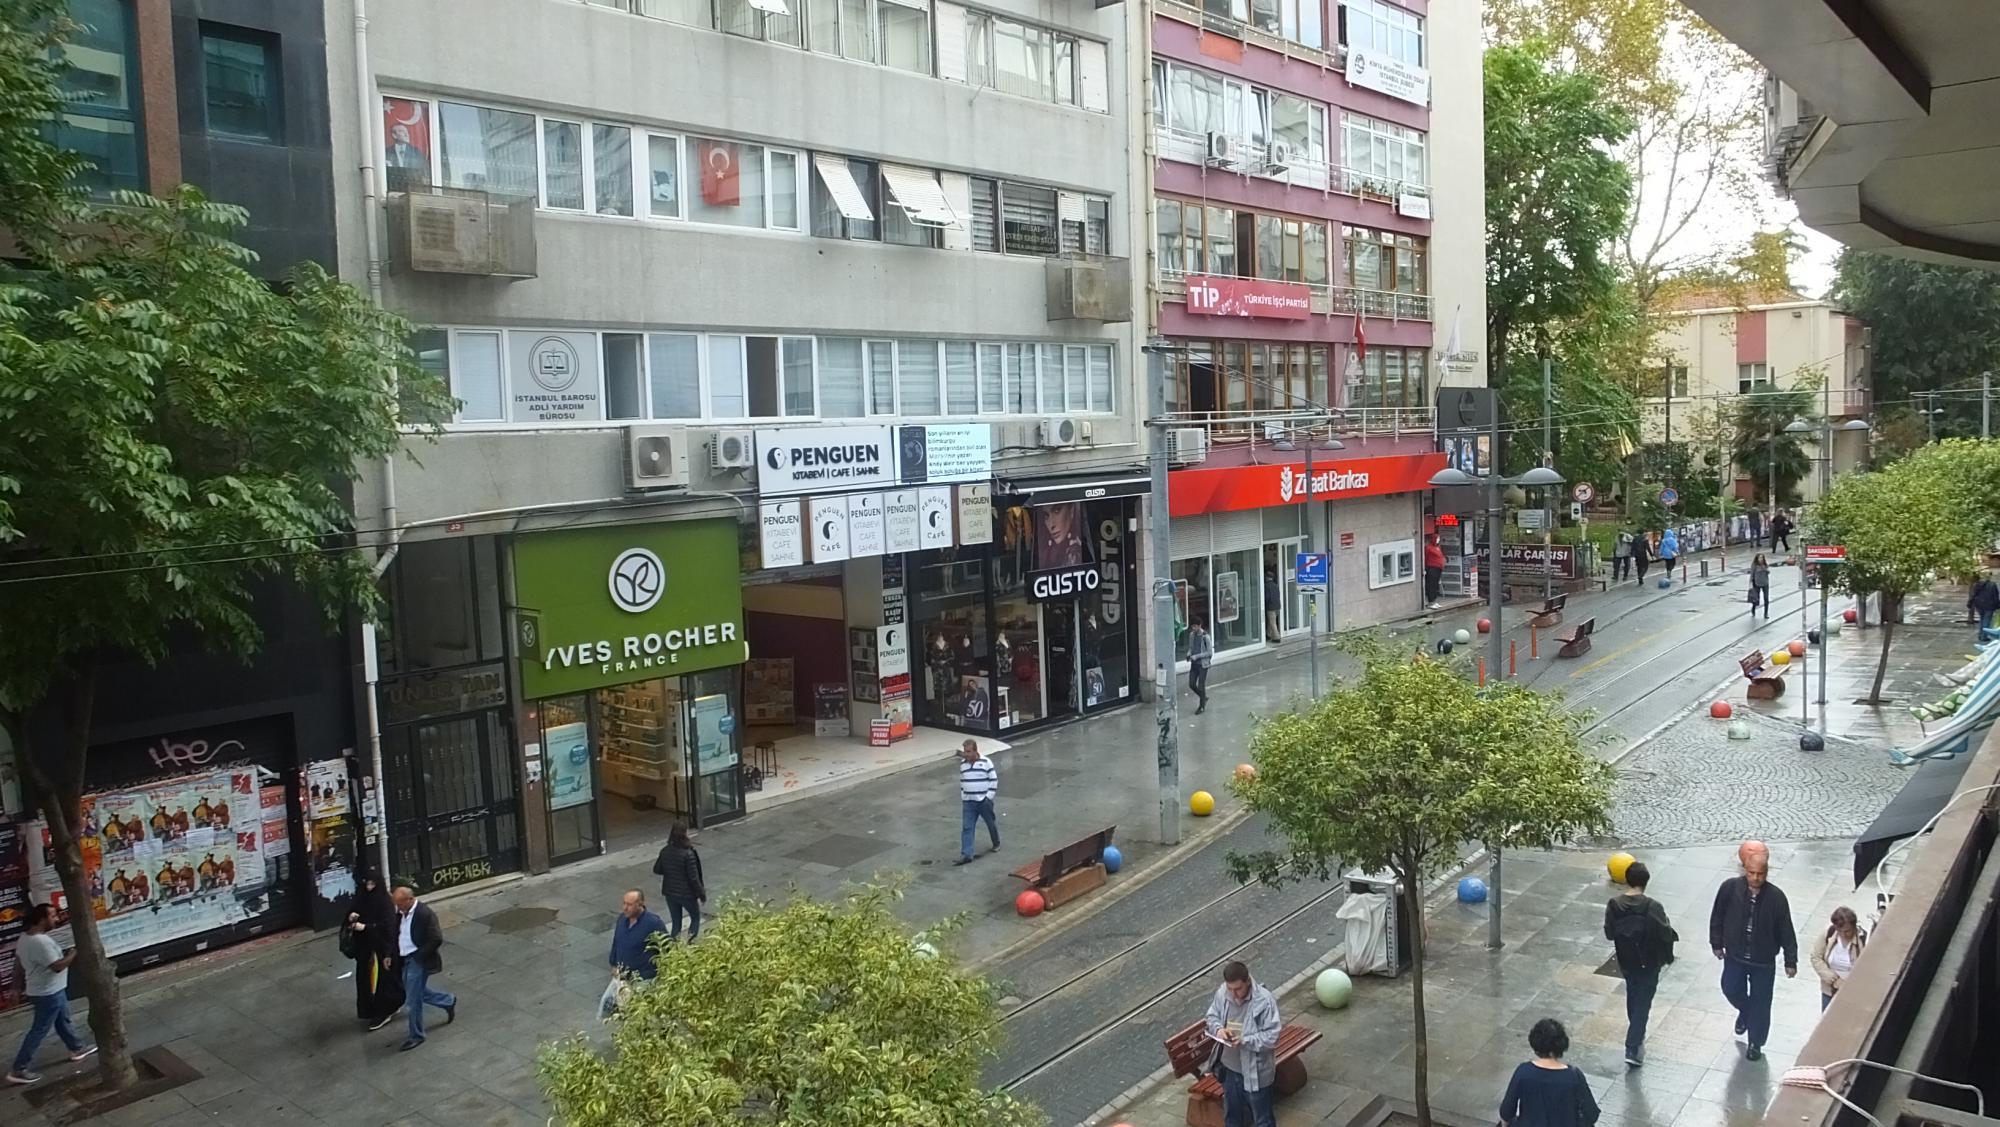 بوتیک ها و فروشگاه های خیابان بهاریه استانبول